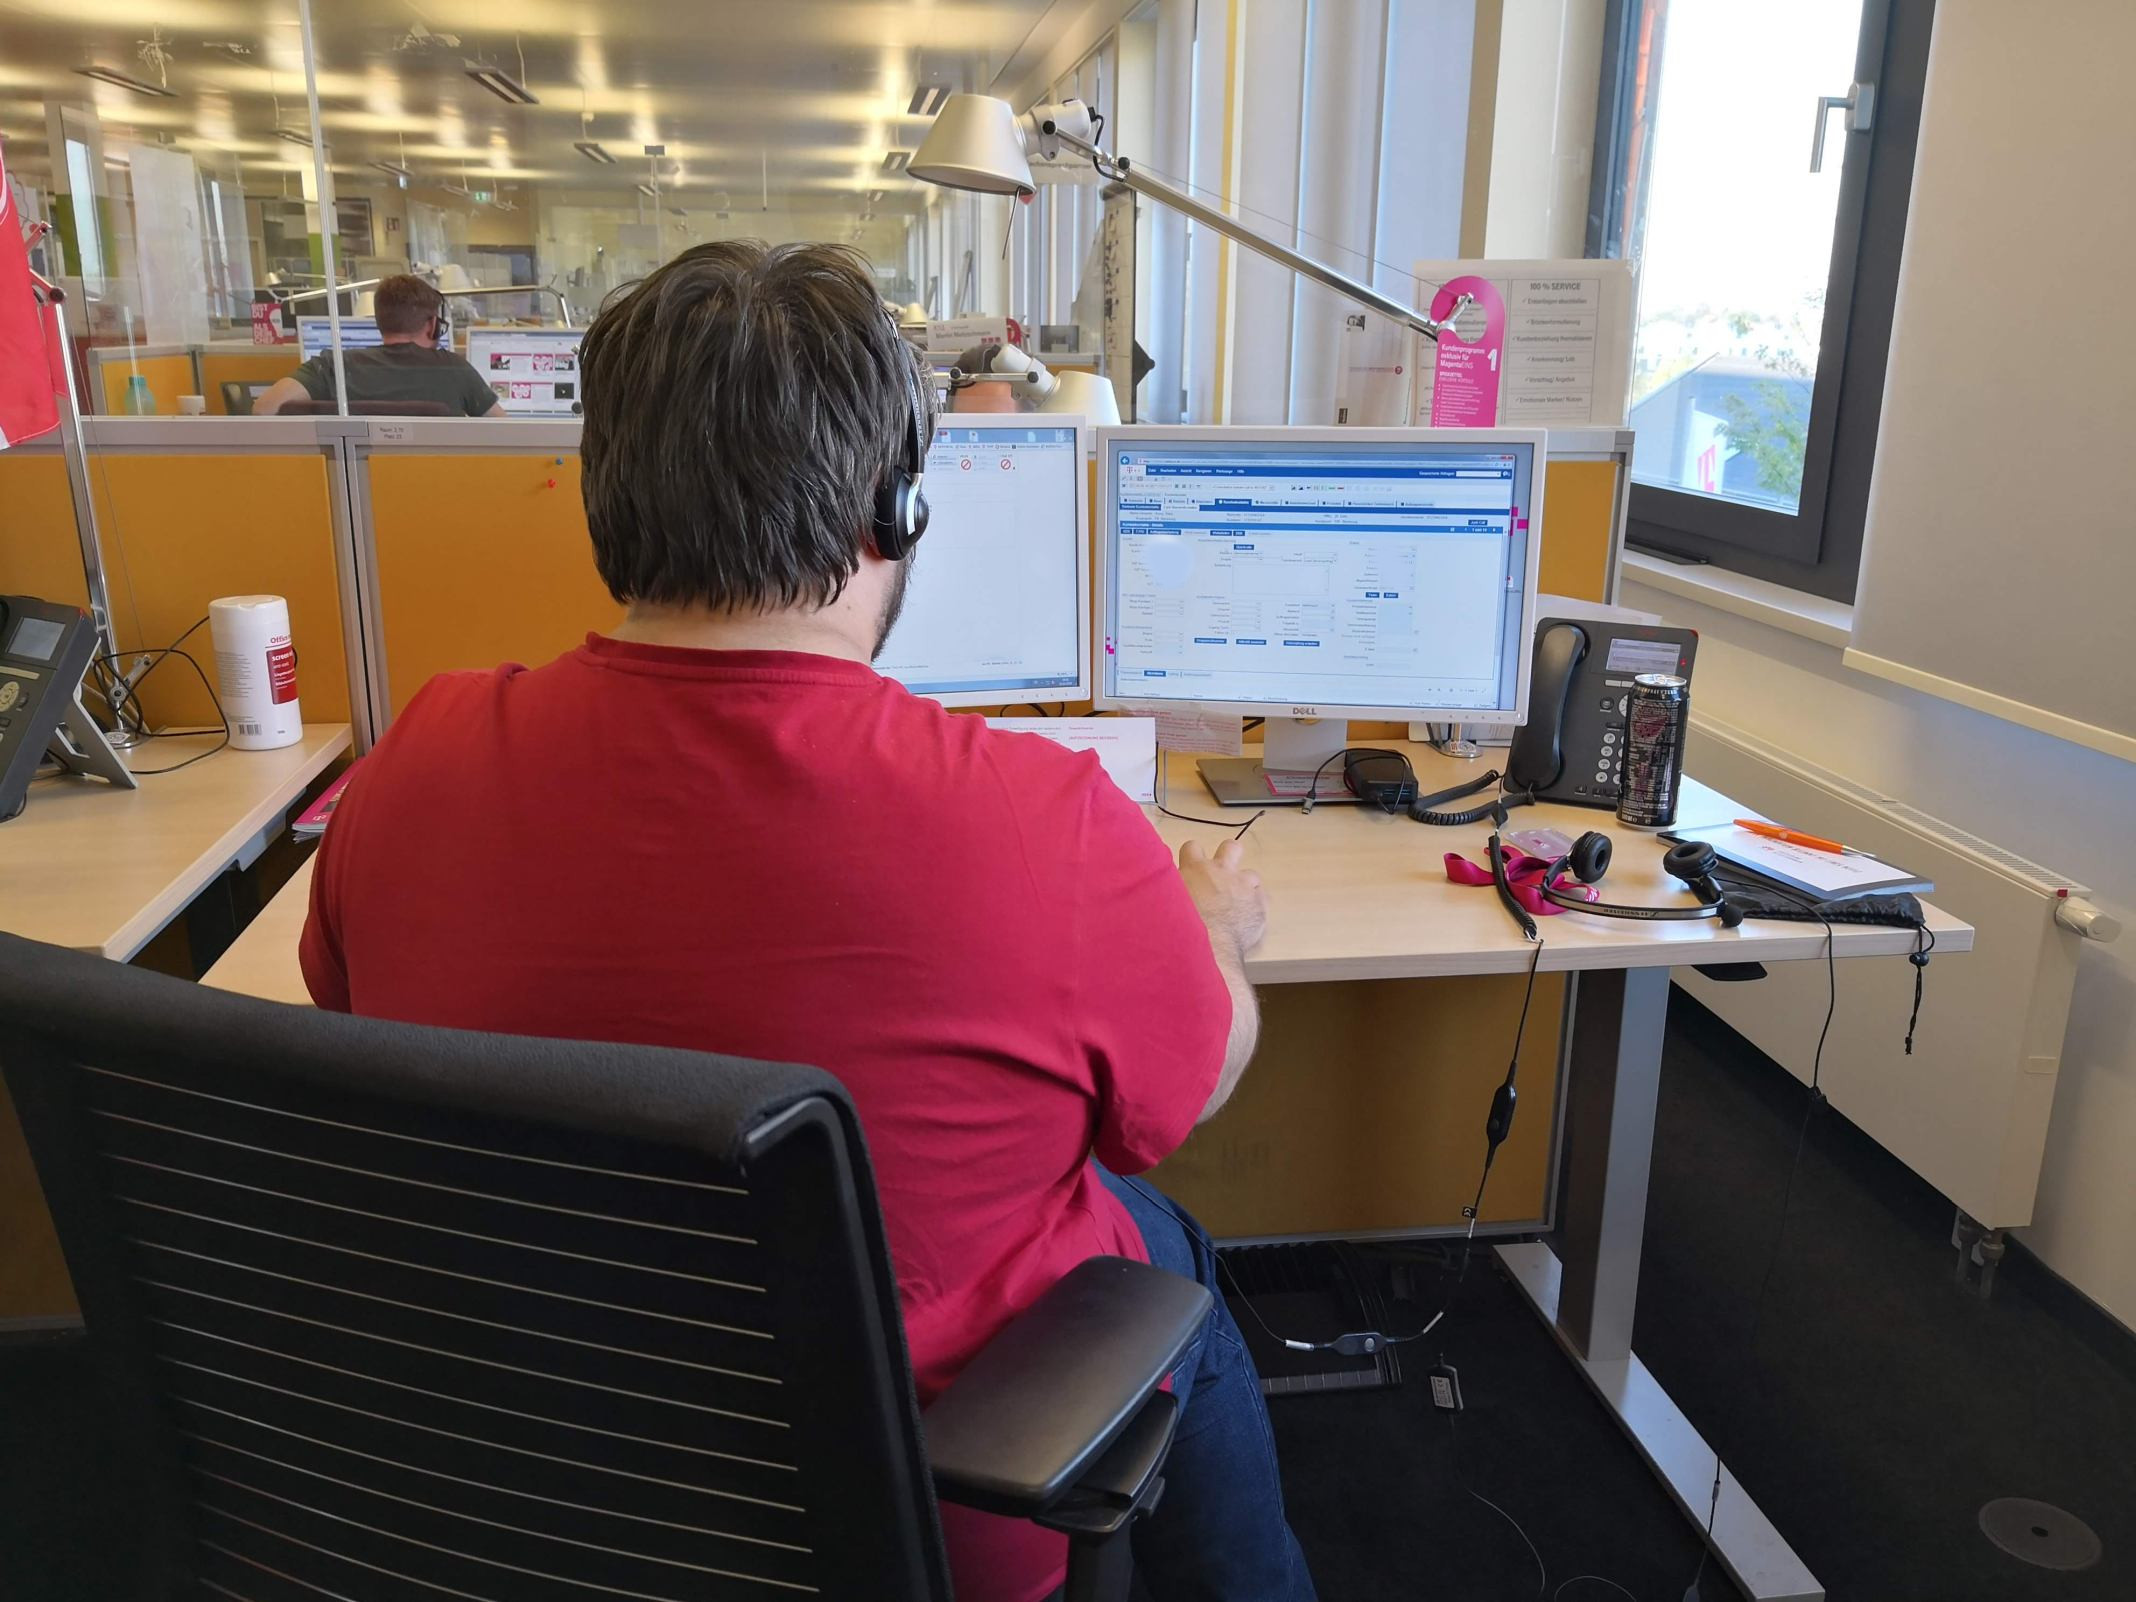 Ein Service-Mitarbeiter der Telekom sitzt an seinem Arbeitsplatz, er ist von hinten zu sehen und hat ein Headset auf.